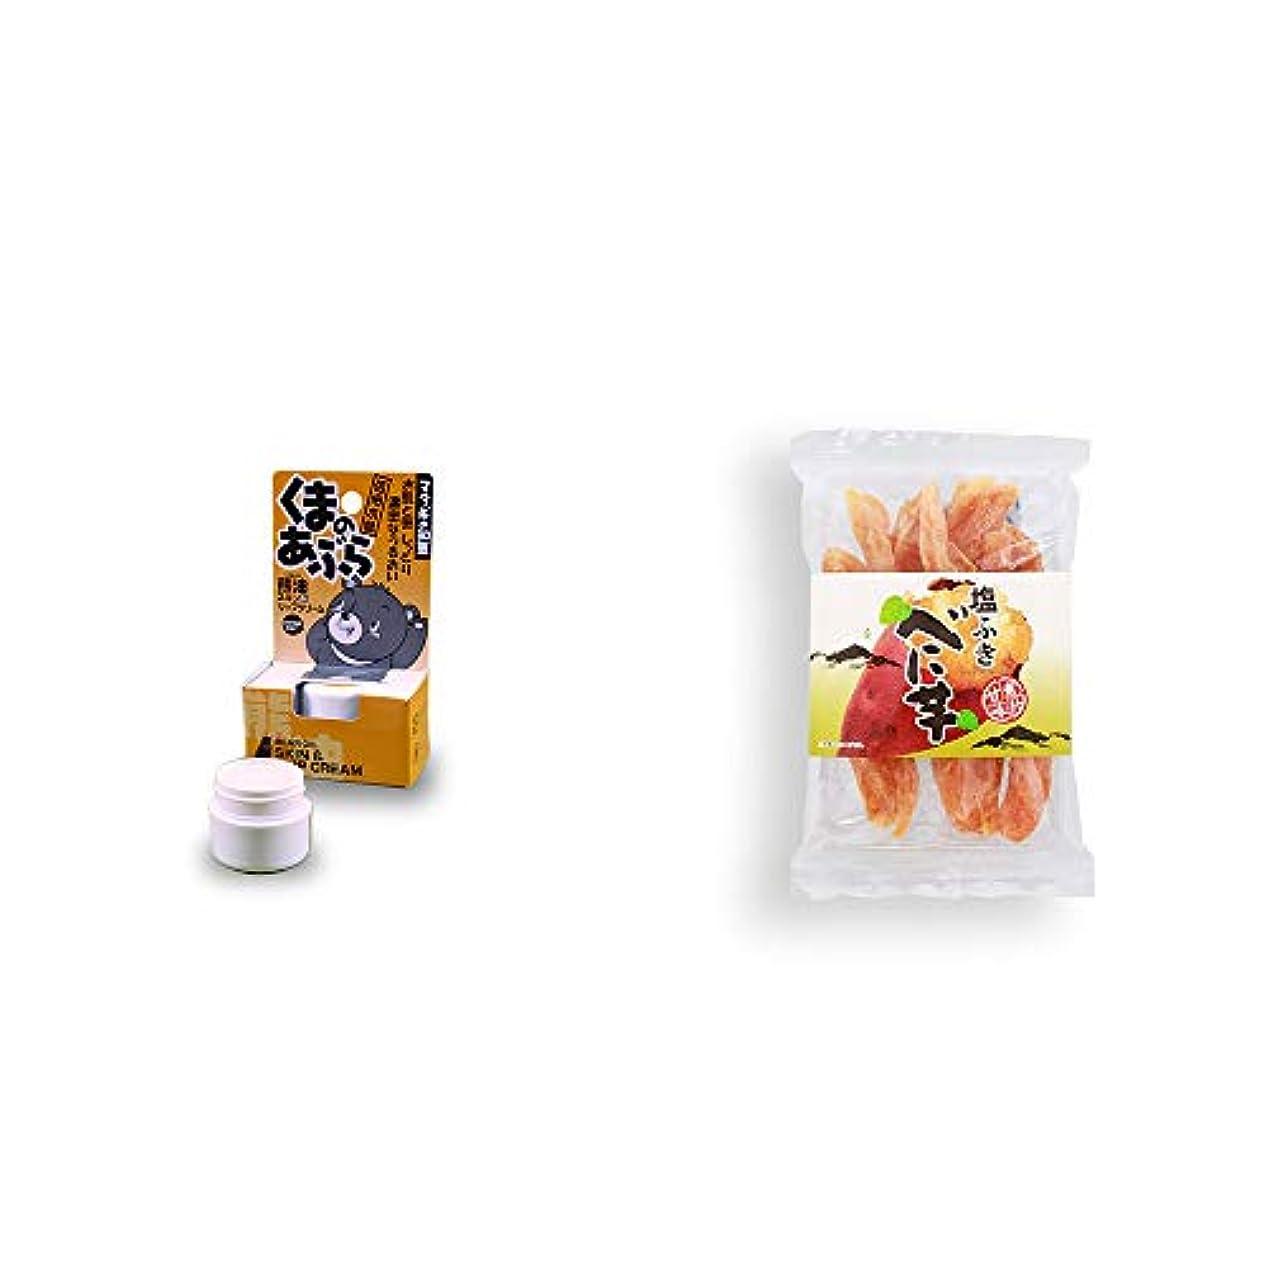 不満ケイ素貫通[2点セット] 信州木曽 くまのあぶら 熊油スキン&リップクリーム(9g)?塩ふき べに芋(250g)